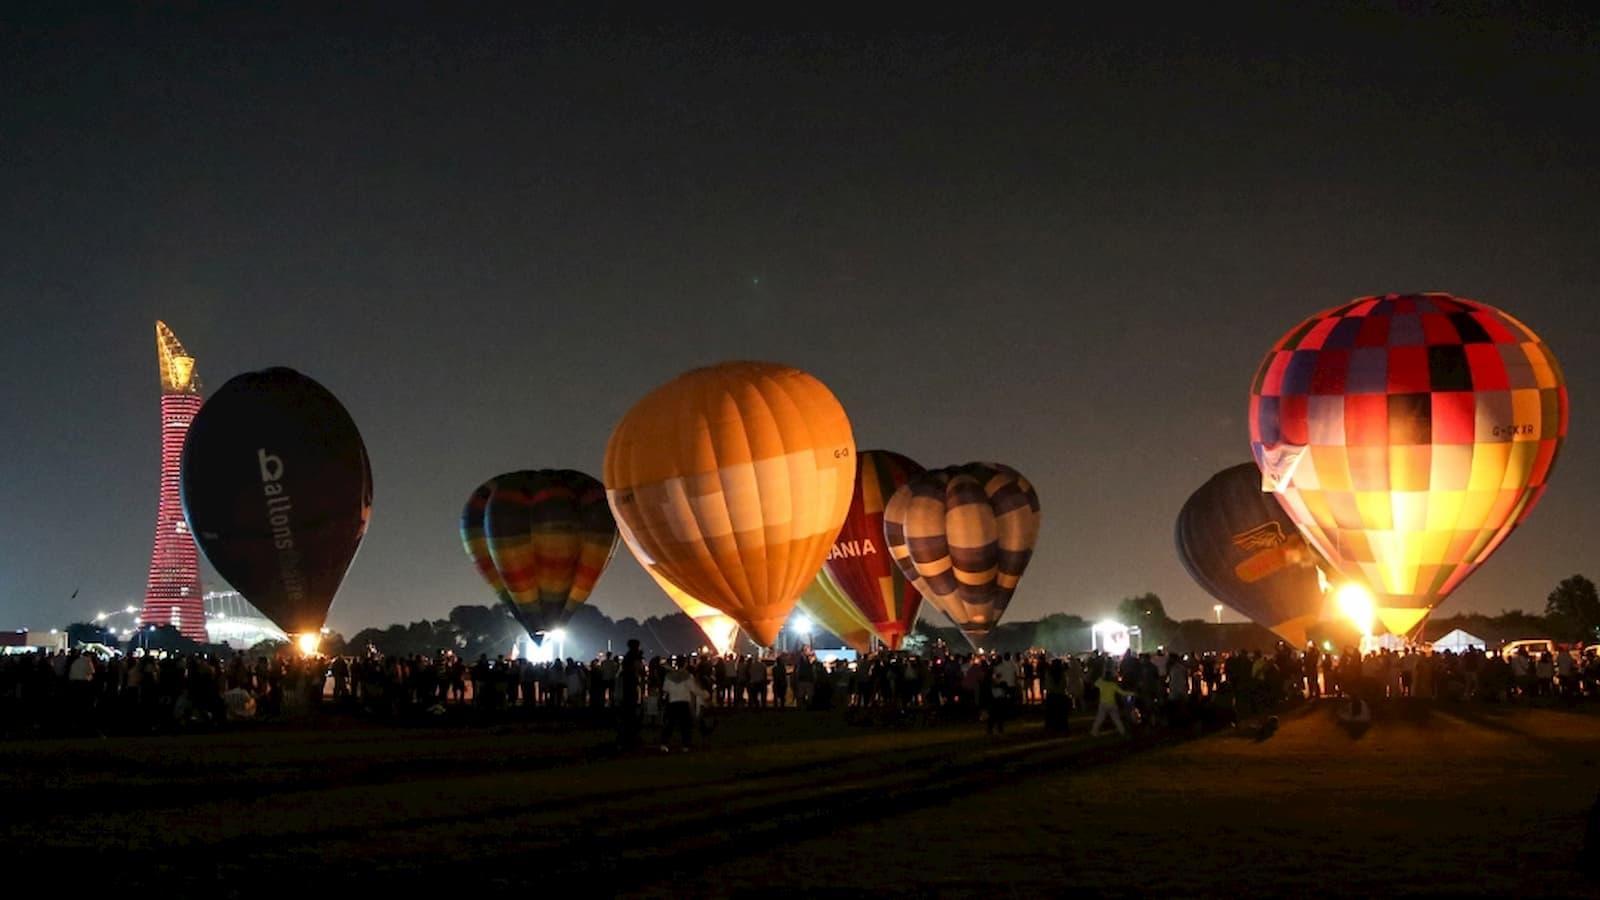 Qatar's first hot-air balloon gets underway in Aspire Park